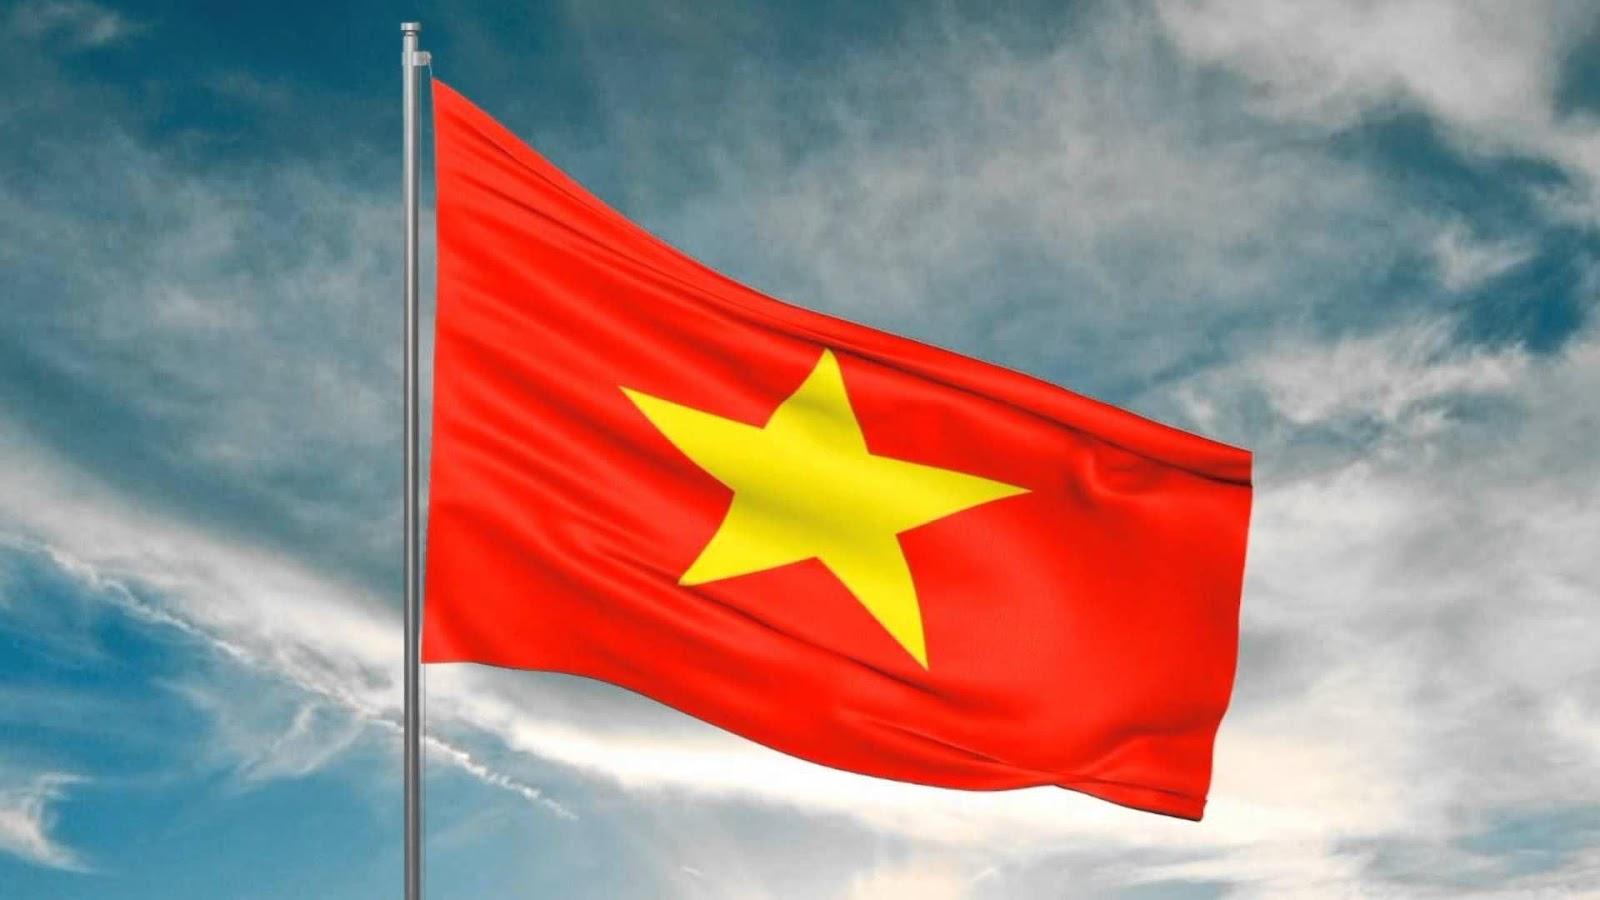 Đơn vị bán cờ Tổ quốc uy tín tại Hà Nội